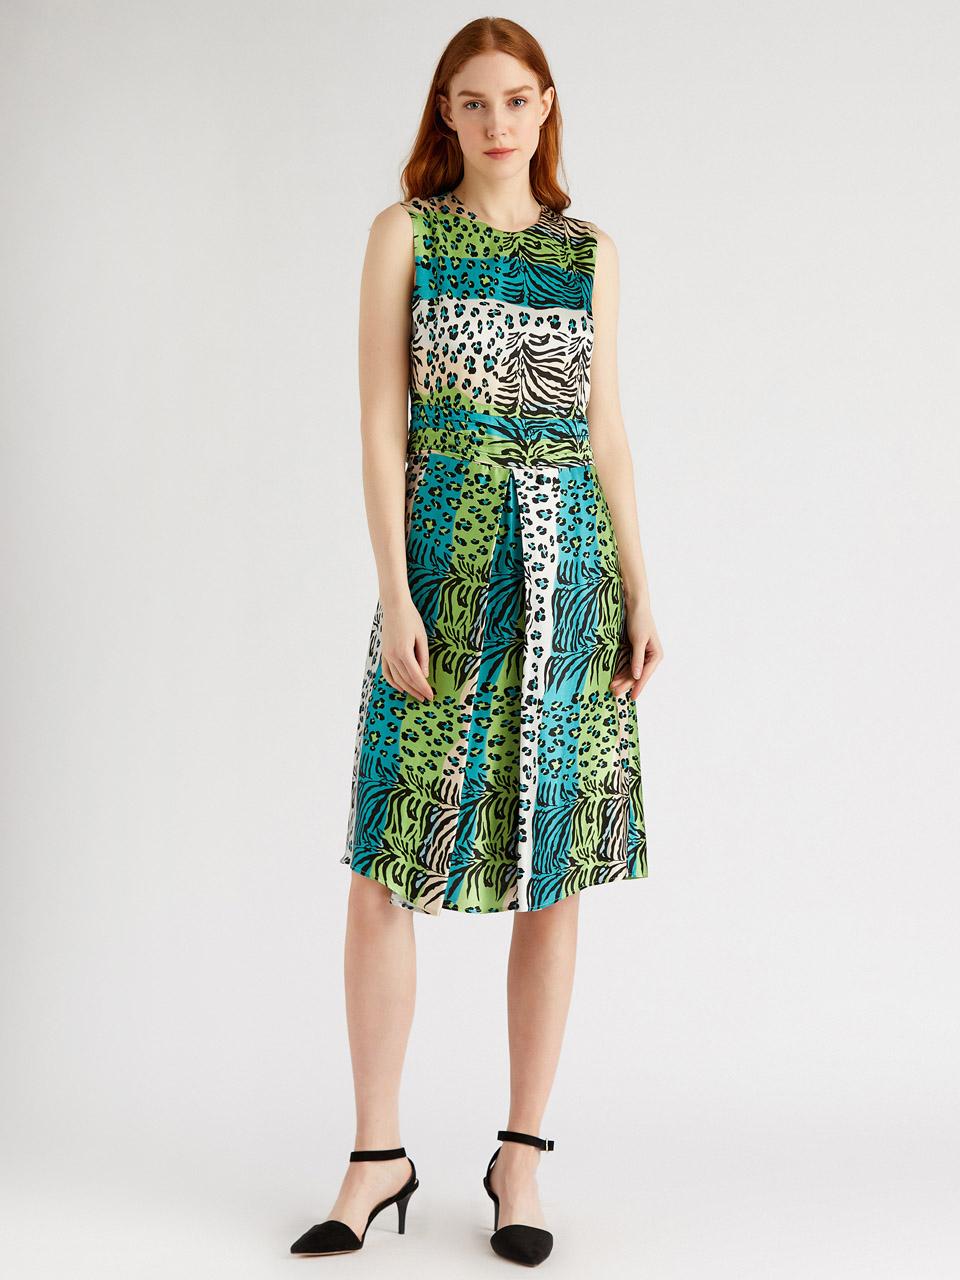 Leopard Print Midi Dress With Pleated